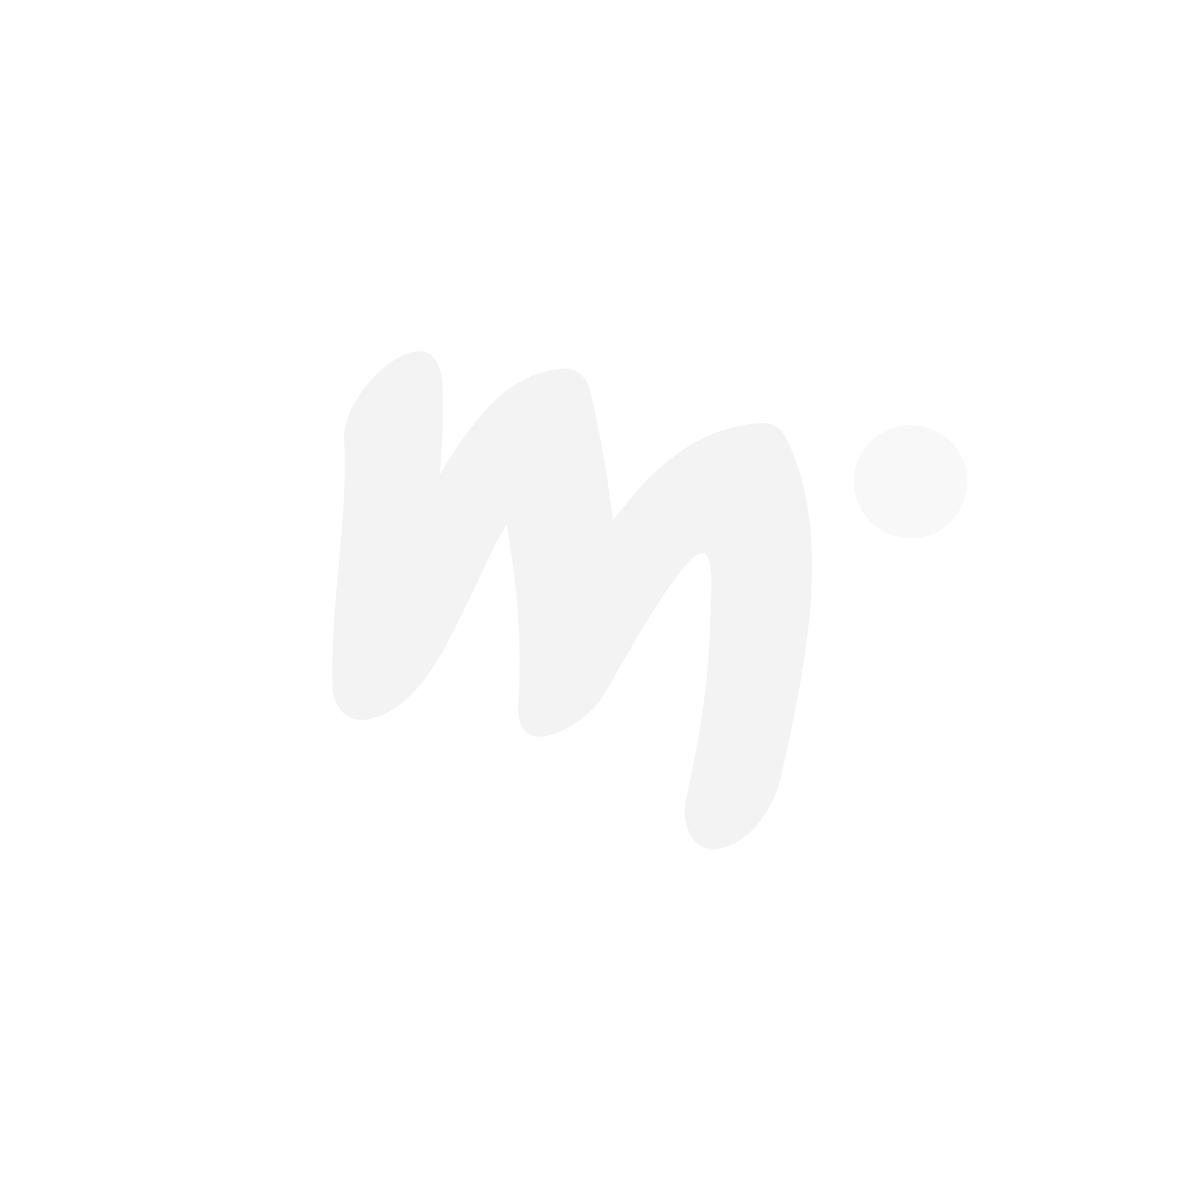 Muumi Aakkoset-body keltainen